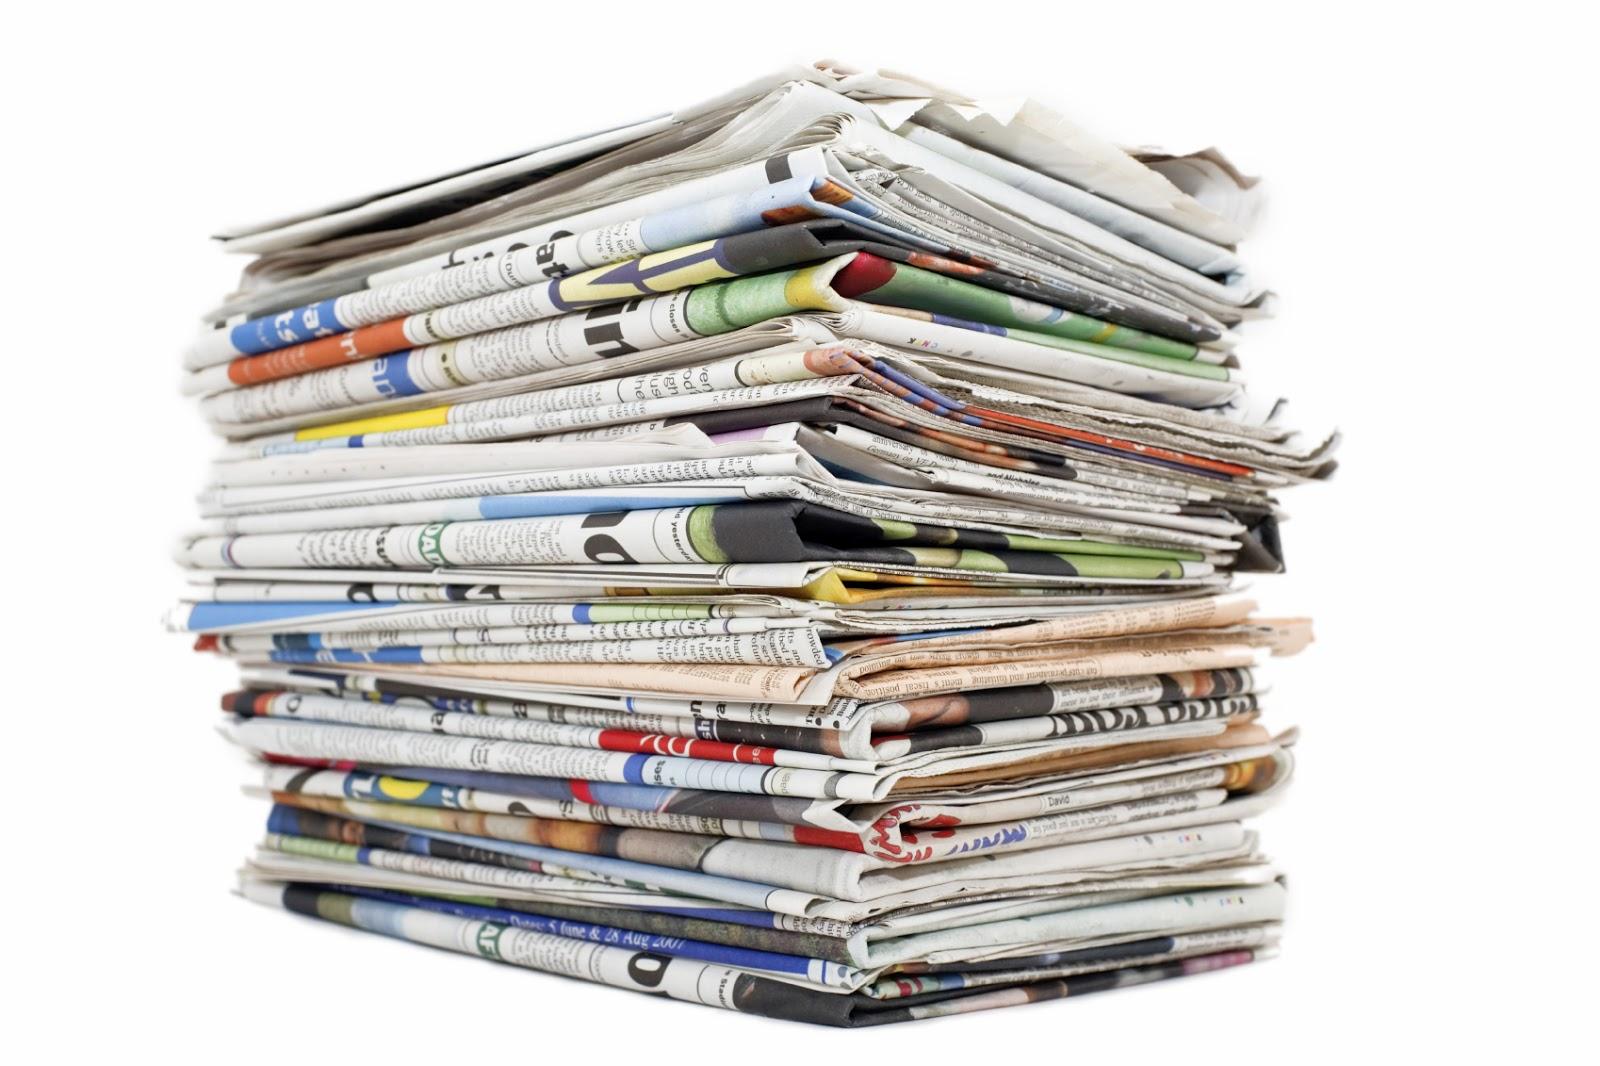 أبرز عناوين الصحف السياسية السودانية الصادرة يوم الأربعاء 11 أكتوبر 2017م